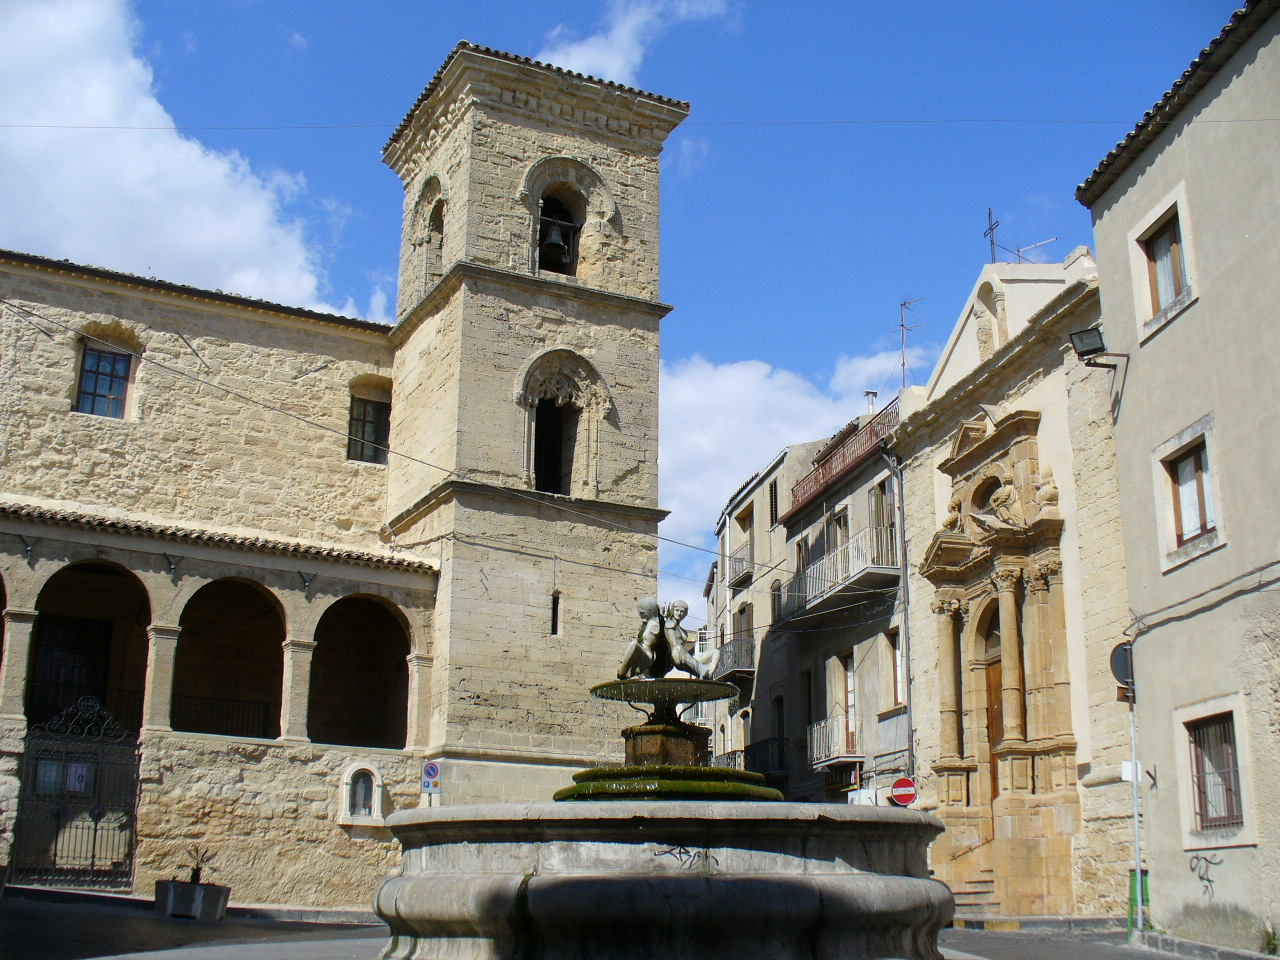 Энна (Enna), Сицилия - достопримечательности, путеводитель по городу. Как добраться: транспорт, расписание, стоимость билетов. Карта Энны. Что посмотреть